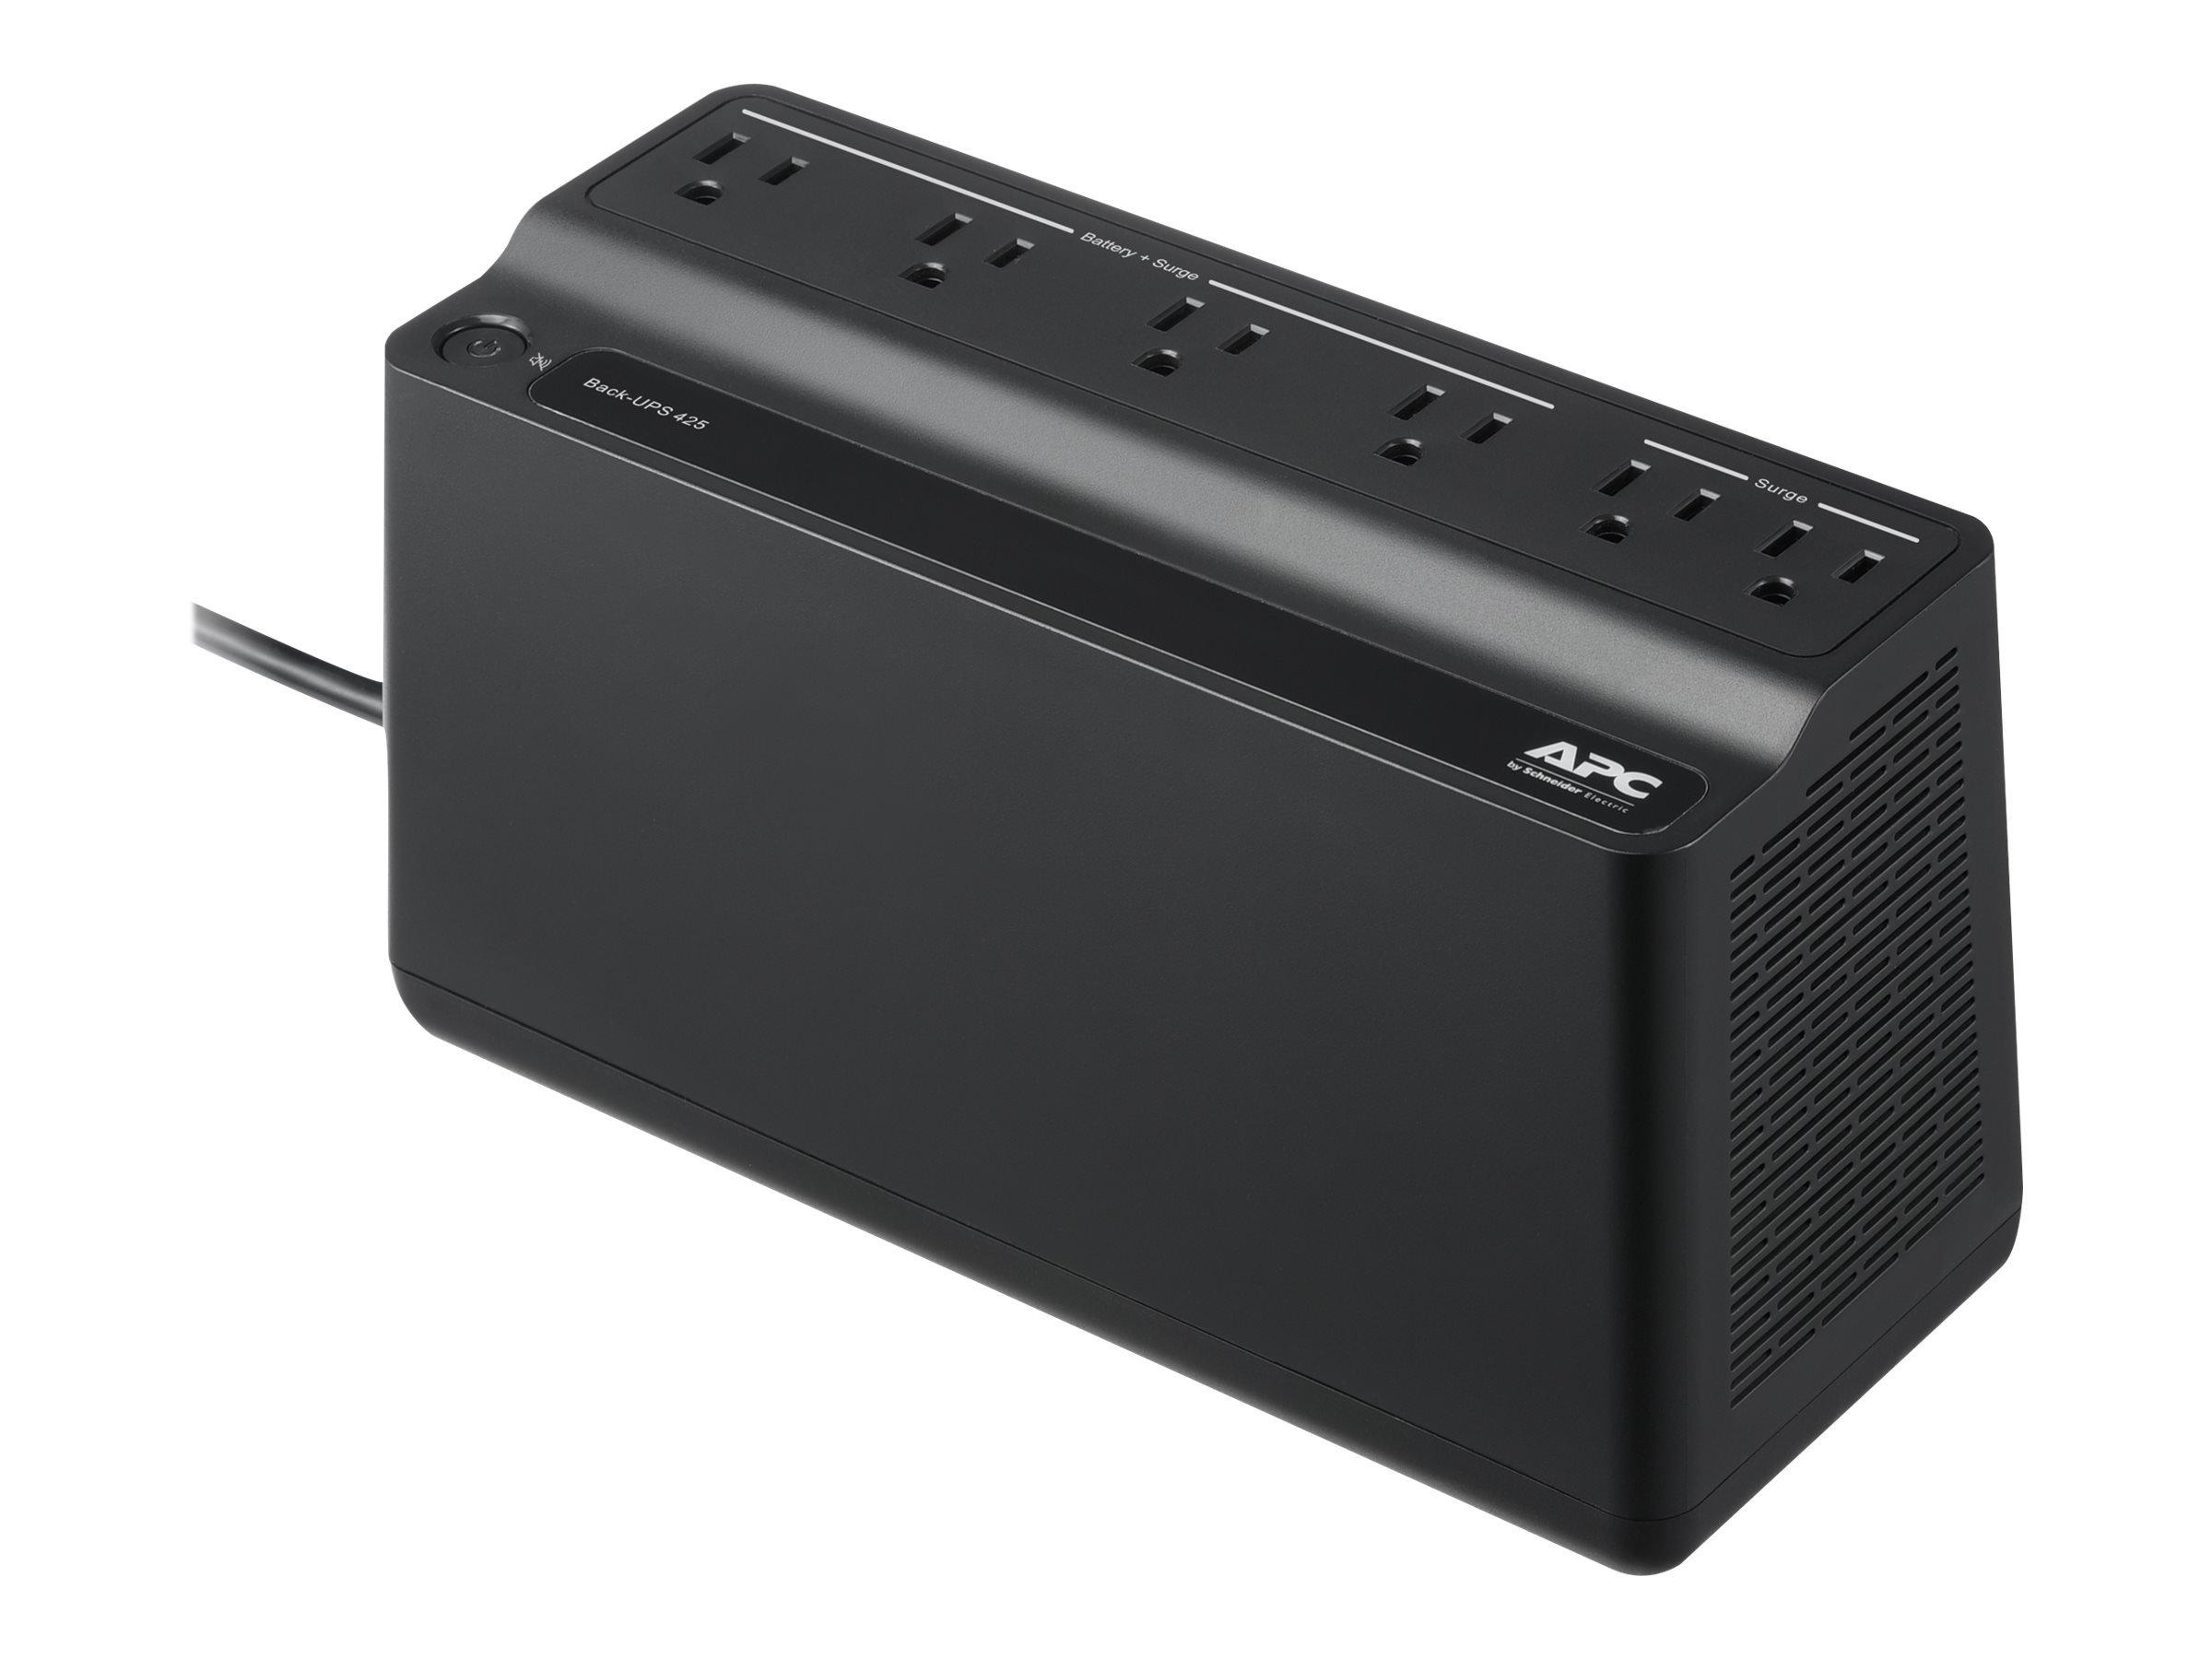 APC UPS 425VA UPS Battery Backup & Surge Protector, APC UPS BackUPS (BE425M)